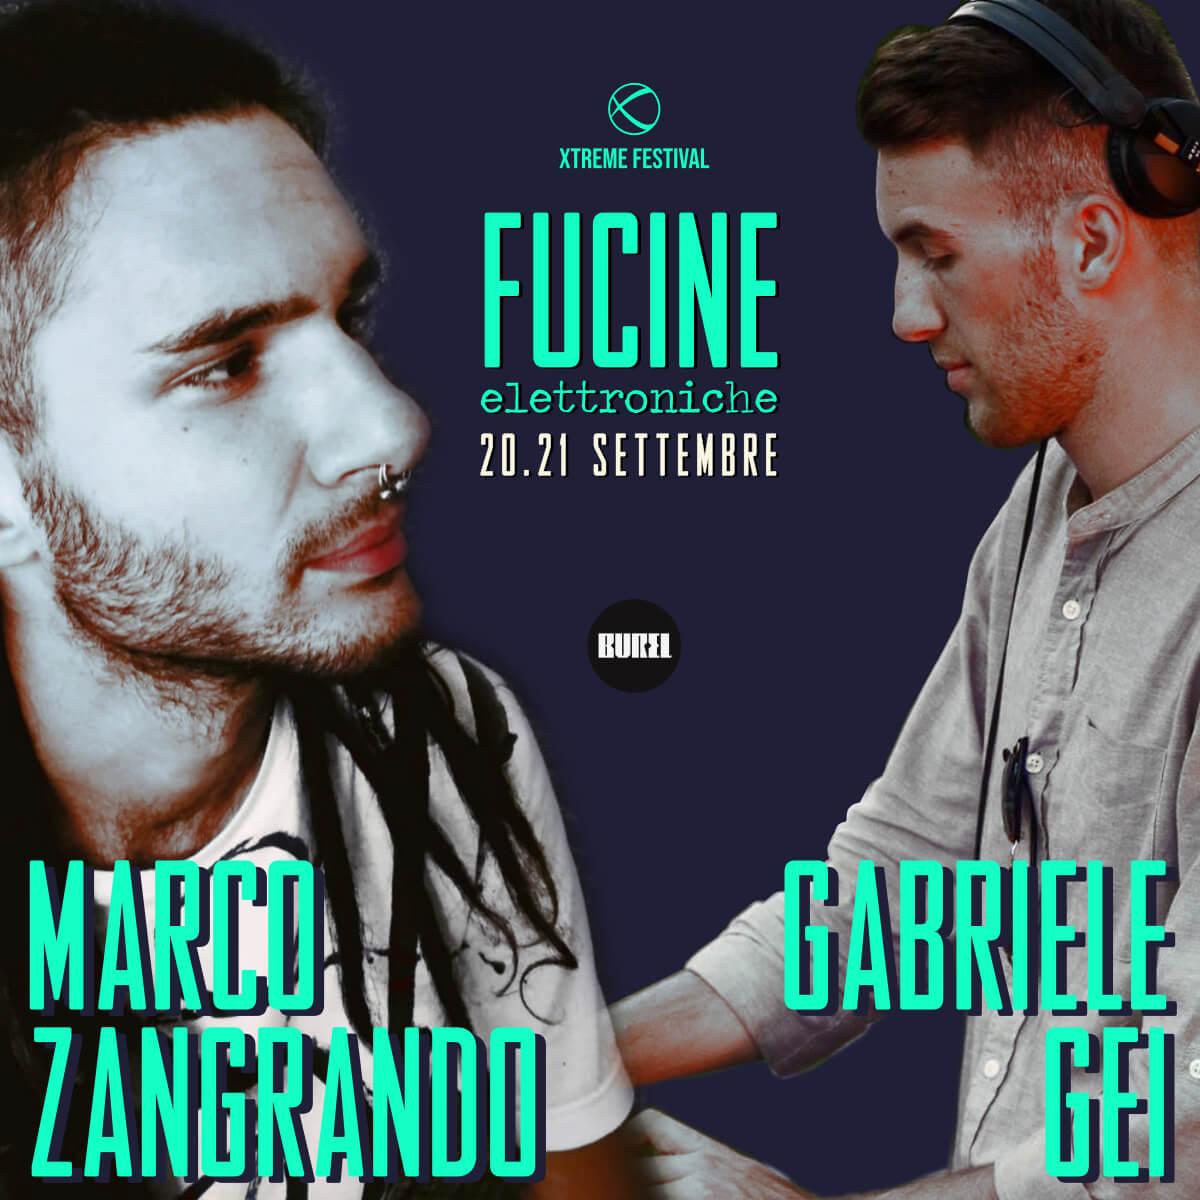 Marco Zangrando B2B Gabriele Gei - Fucine Elettroniche Belluno - Xtreme Festival